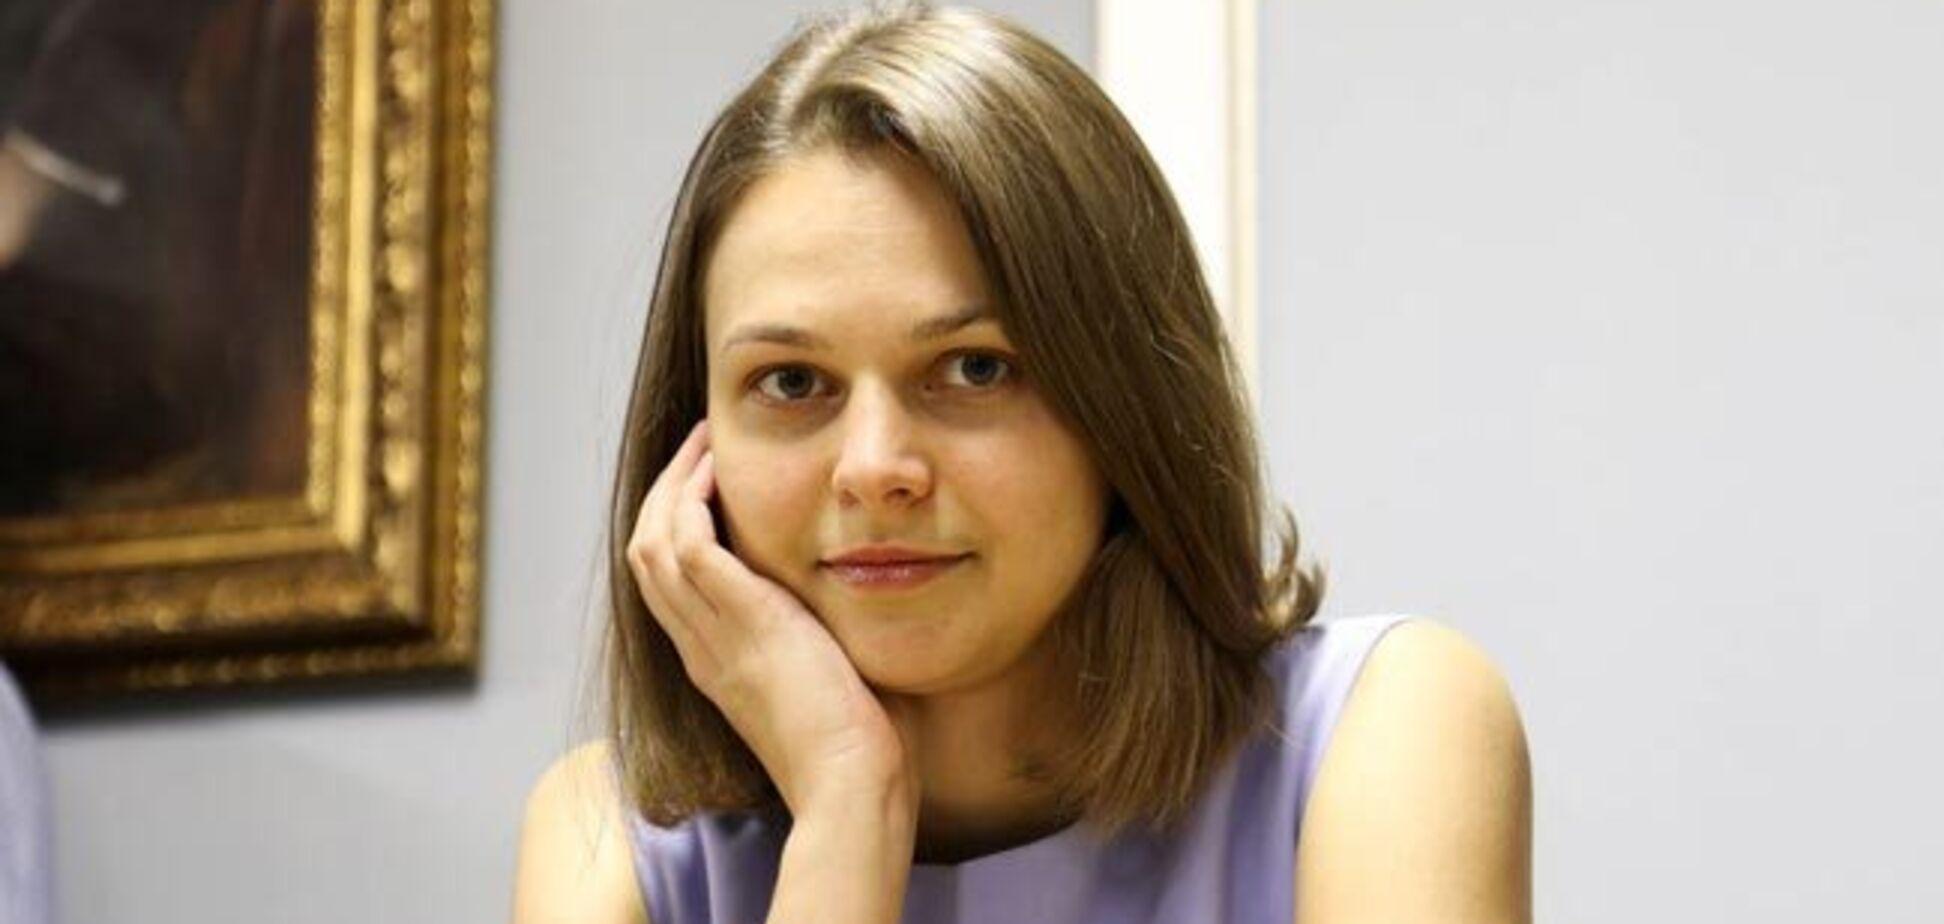 'Розумію обурення': українська чемпіонка про поїздки в Росію